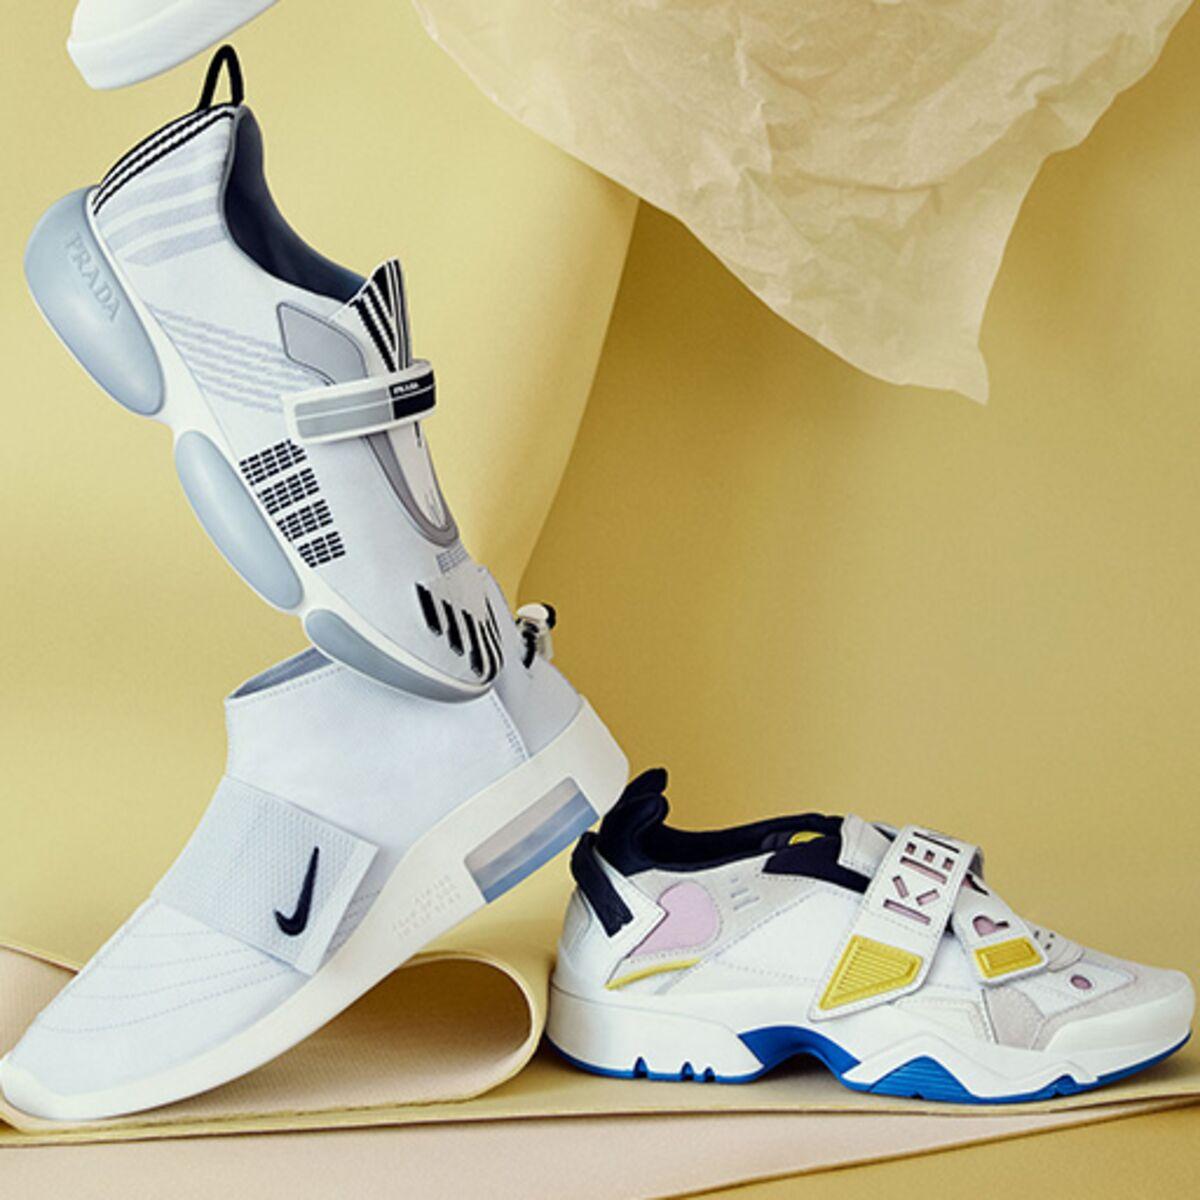 Velcro, 1980s Kids Clothing Staple